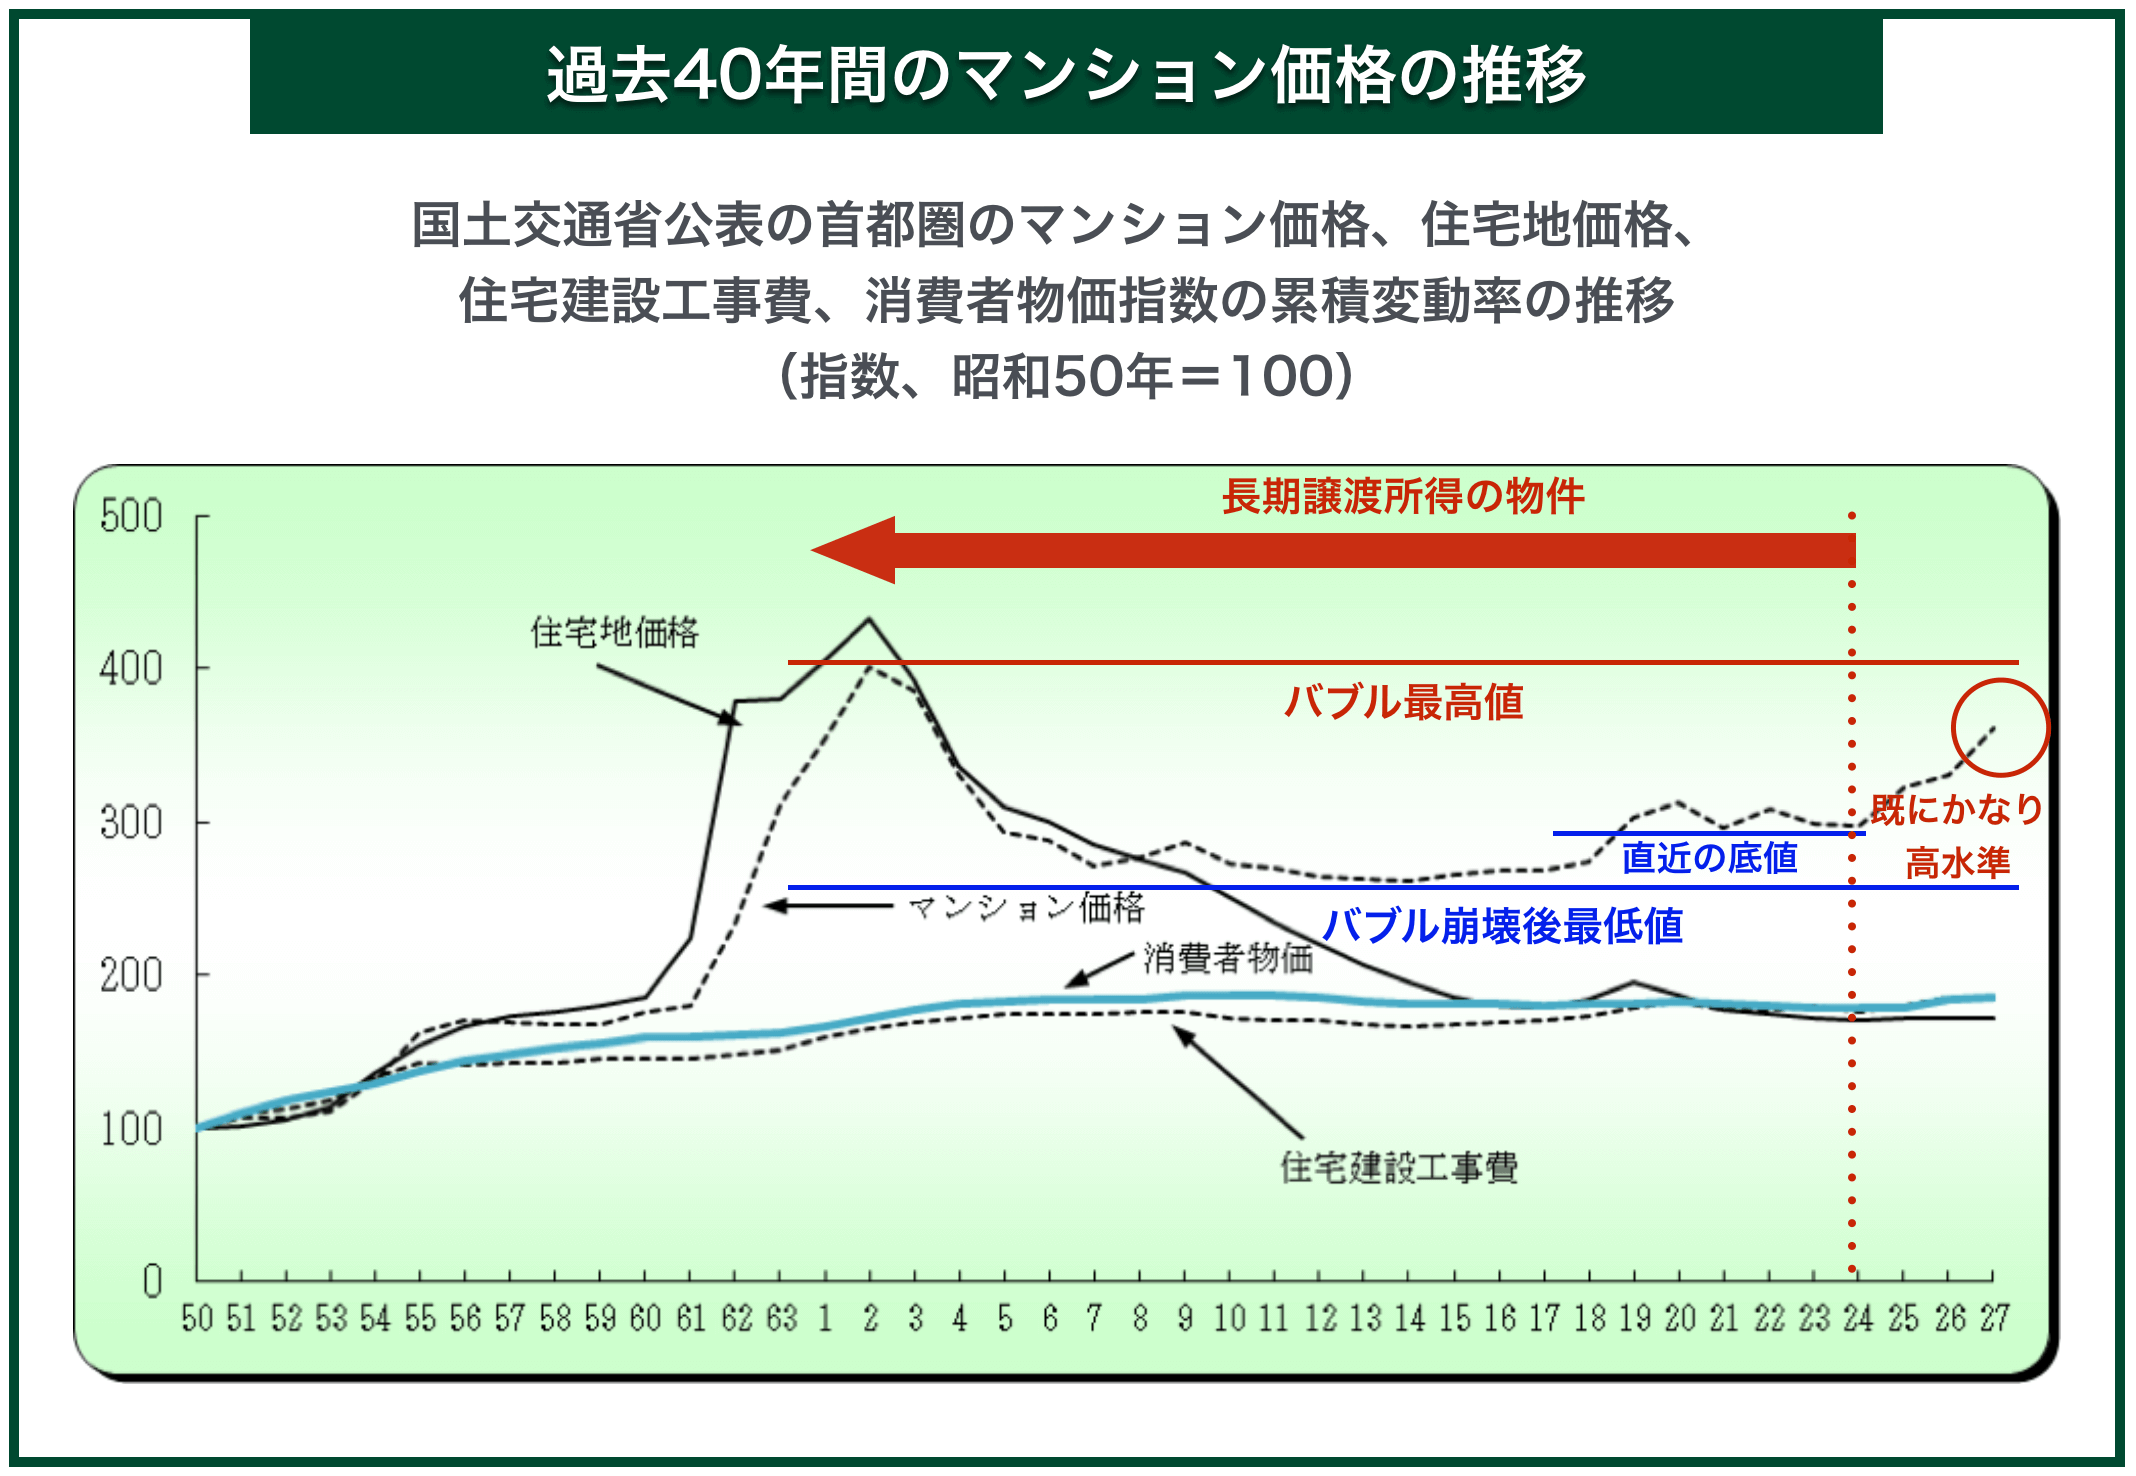 過去40年間のマンション価格の推移